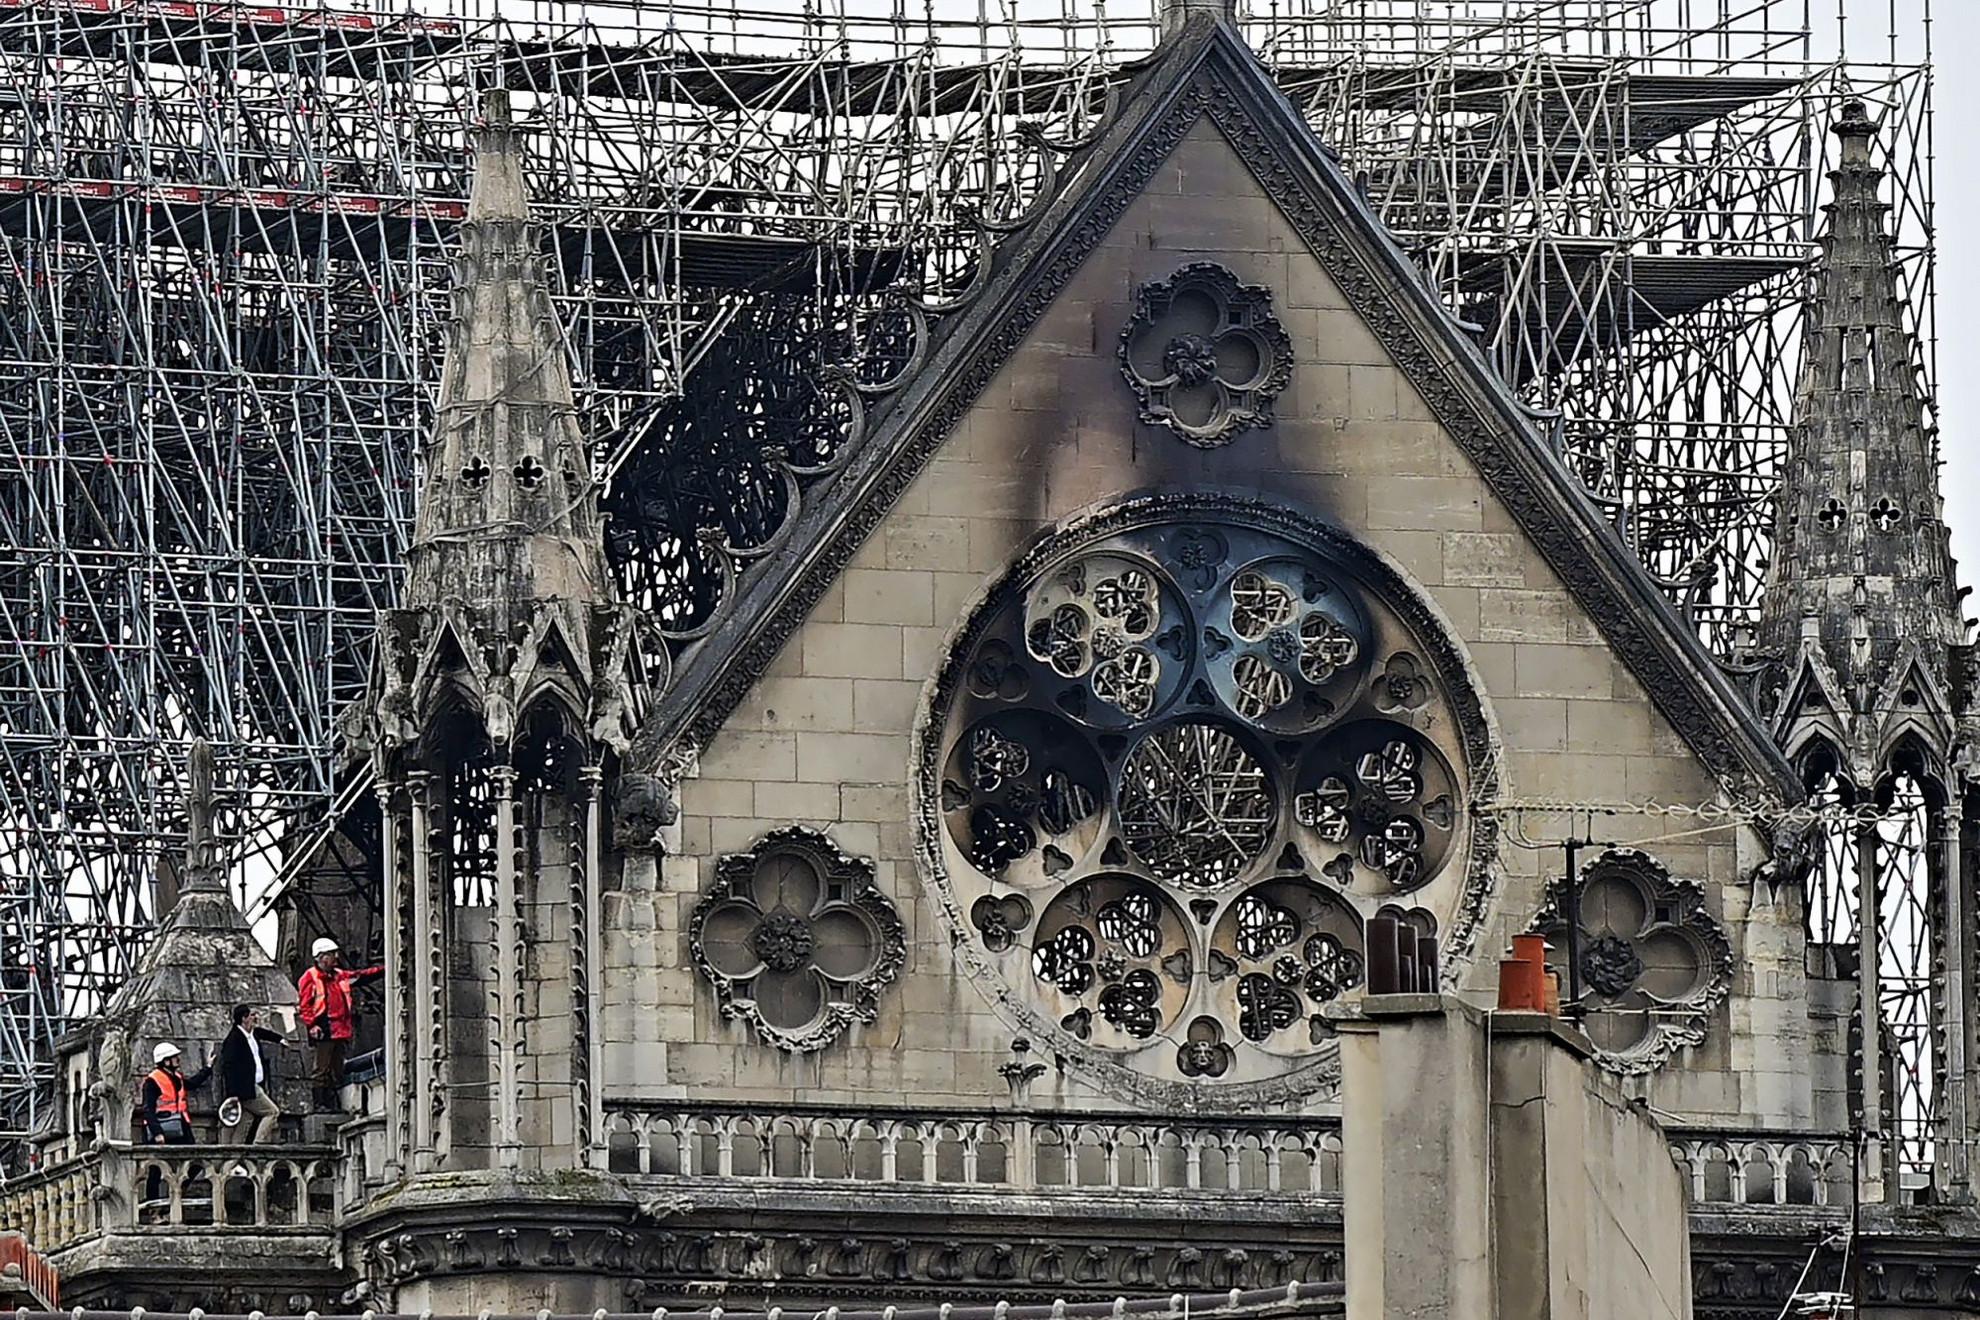 Kilenc órán keresztül tomboltak a lángok a székesegyház tetőszerkezetében, mire ötszáz tűzoltónak sikerült hősies munkával  megakadályozni a két torony összeomlását